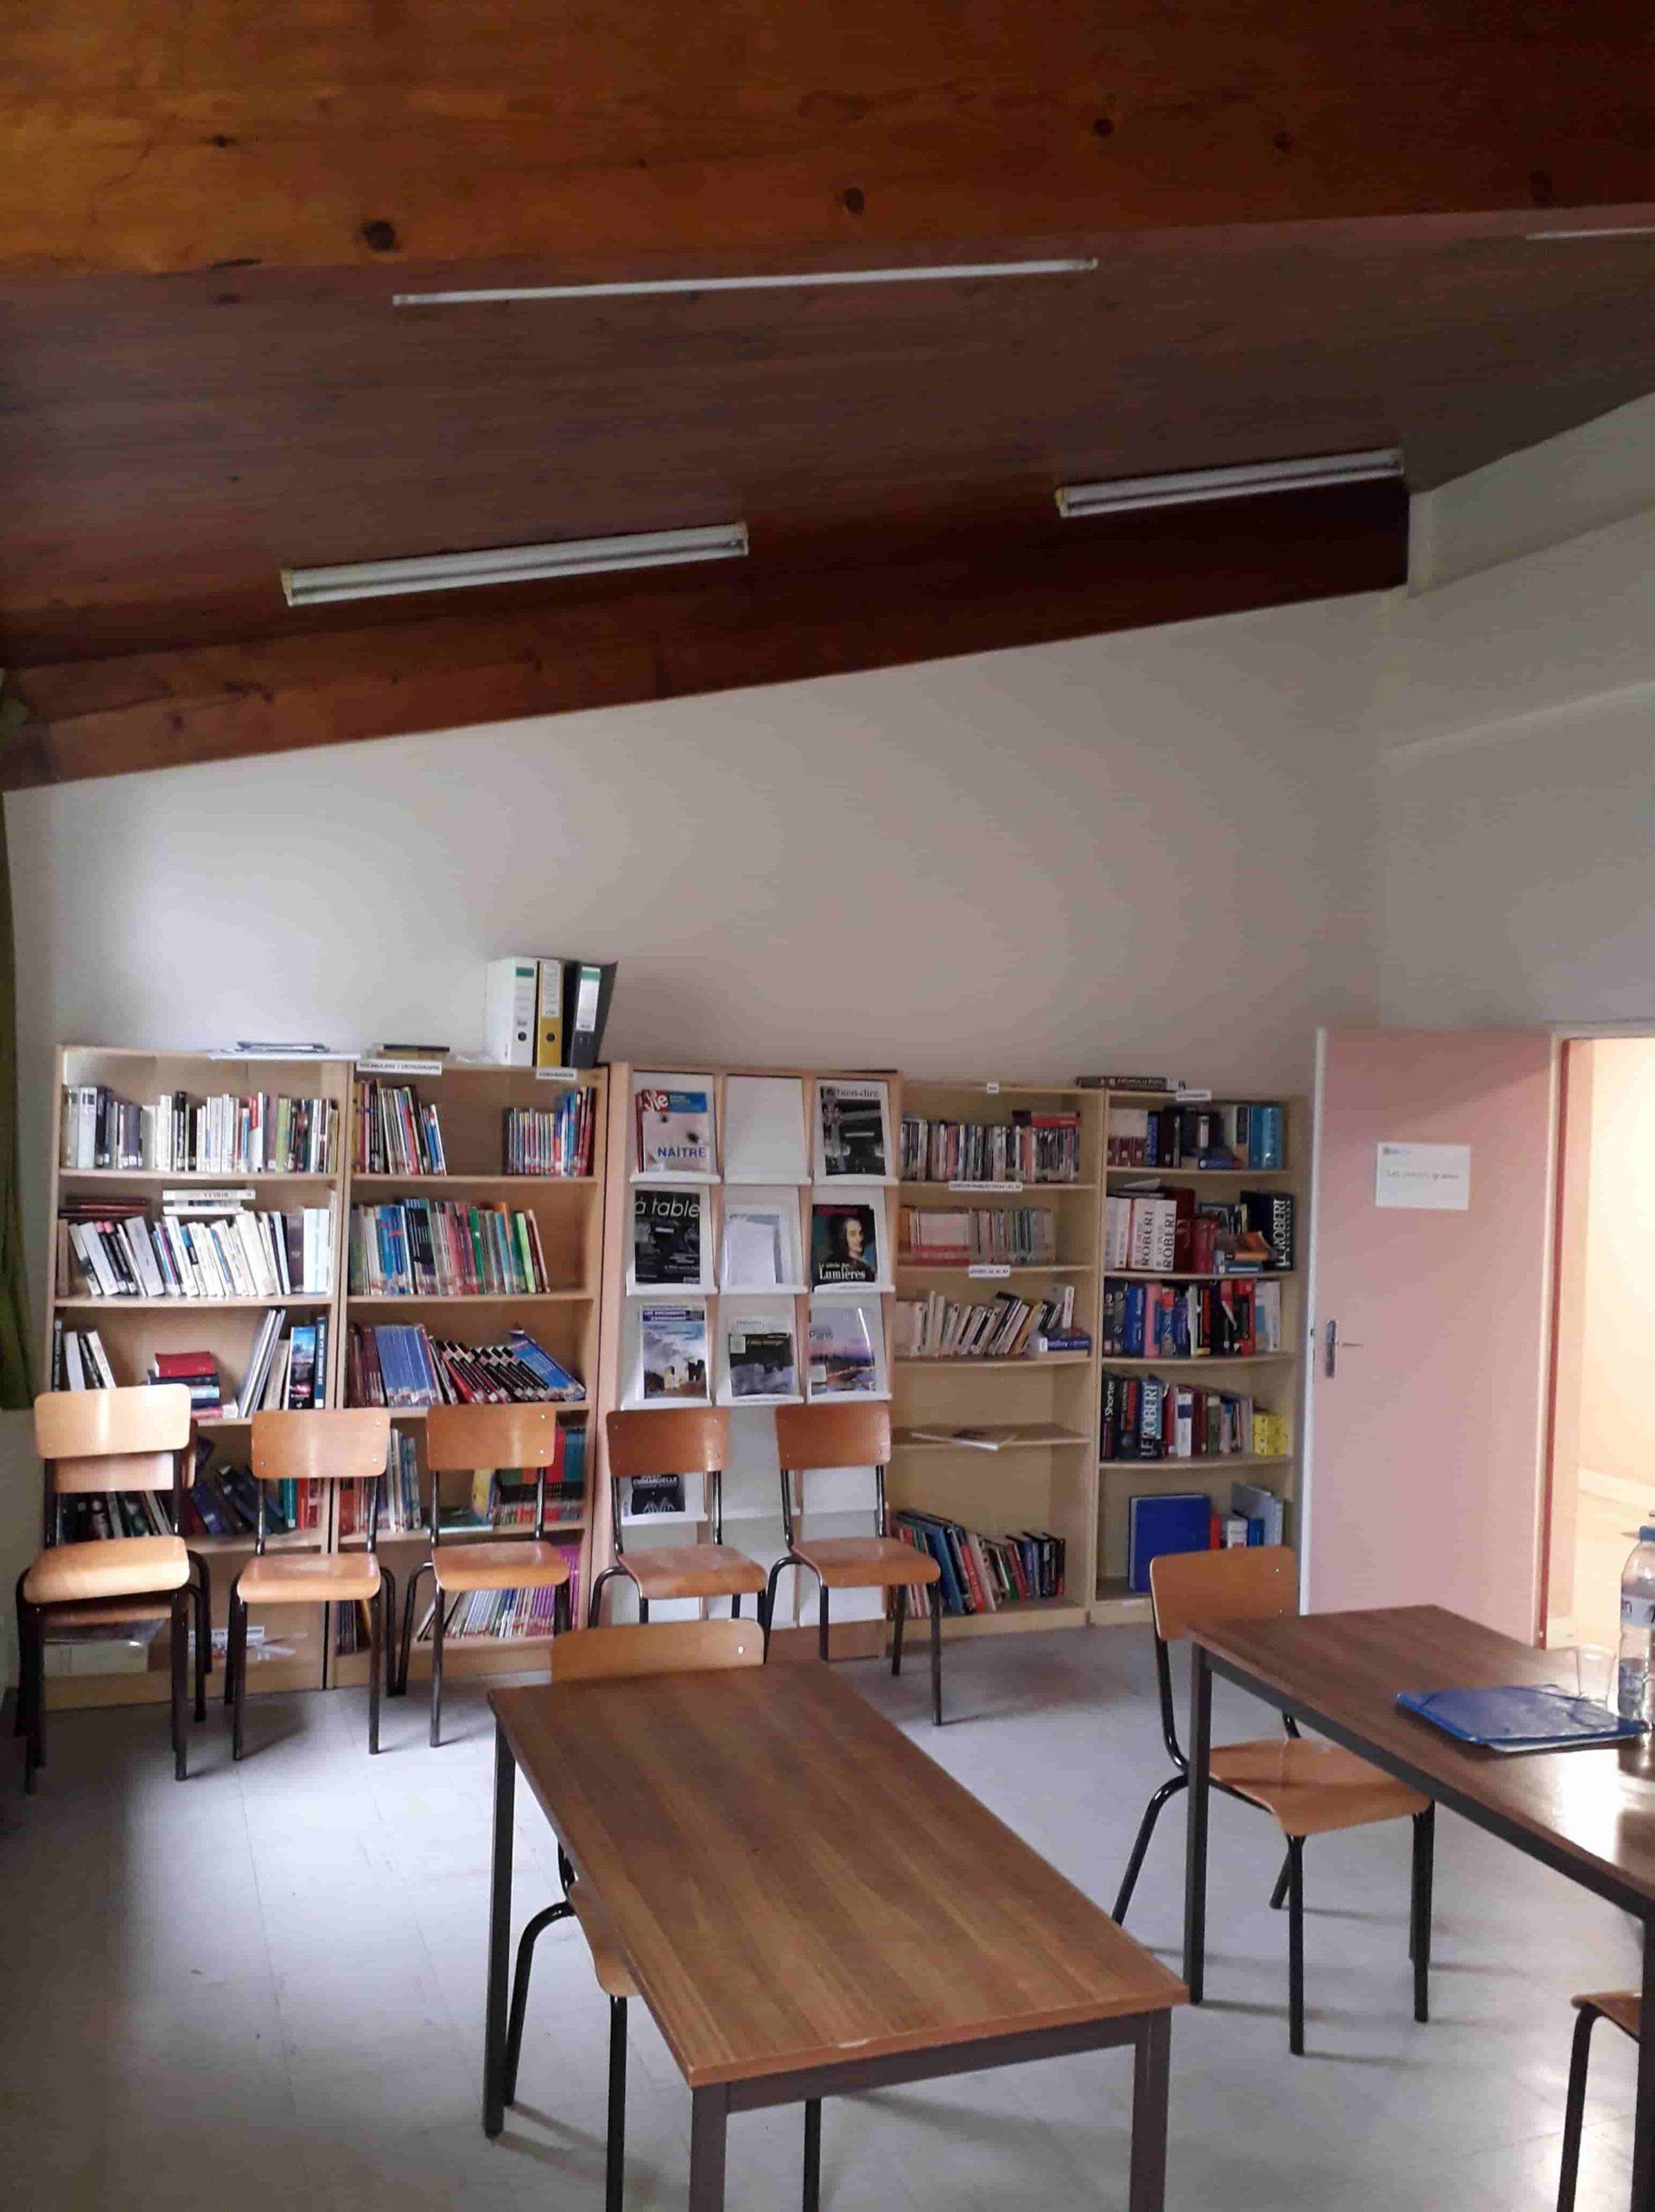 École Les Cèdres - Salle de classe